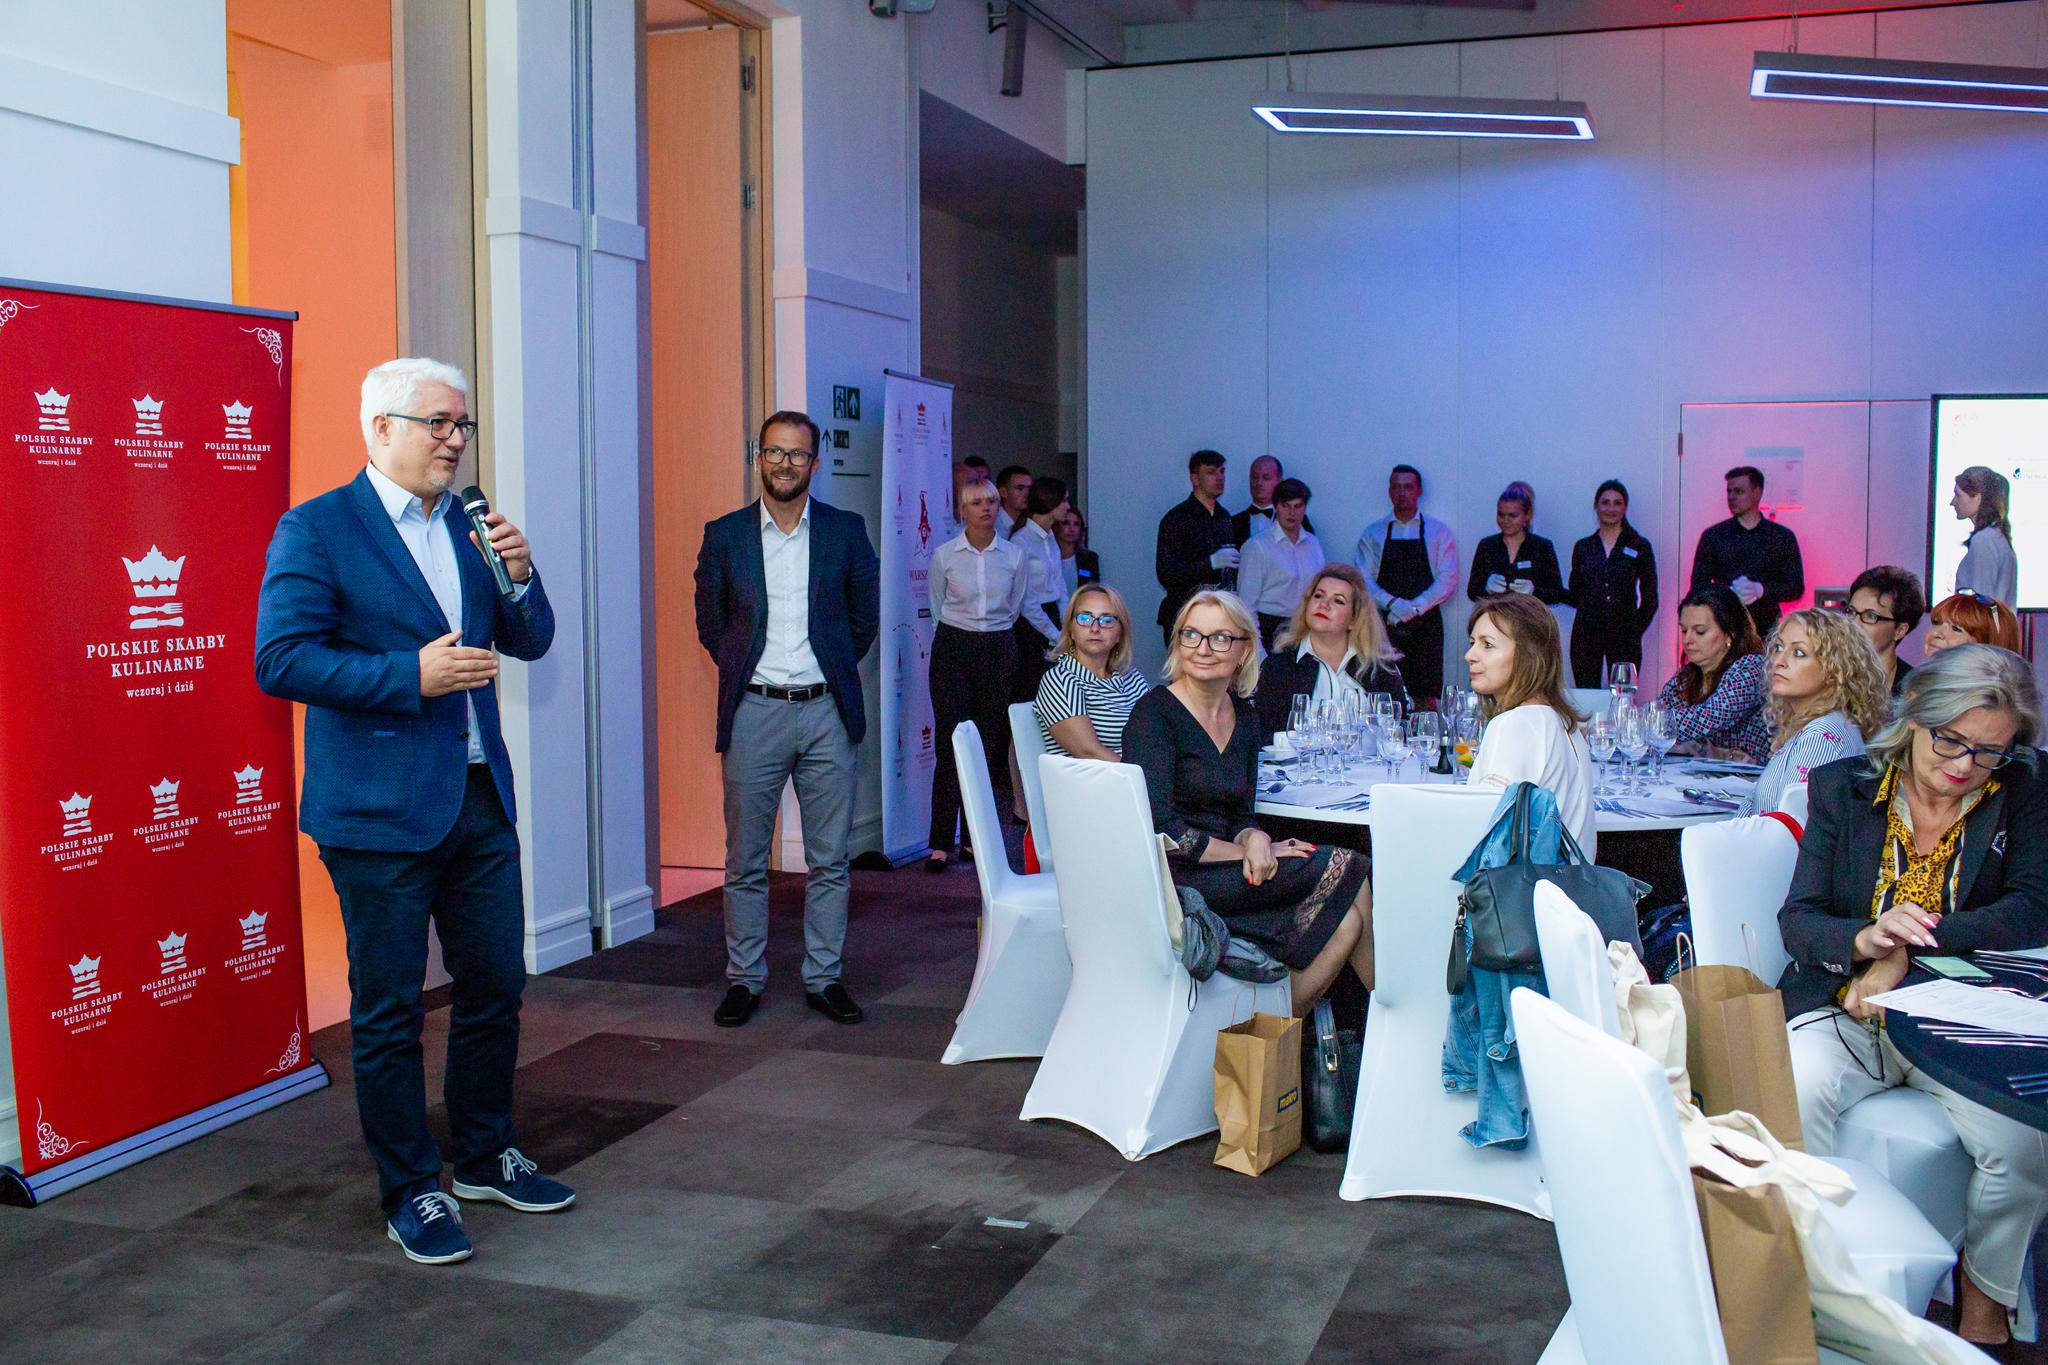 Inauguracja Szlaku Kulinarnego Warszawy